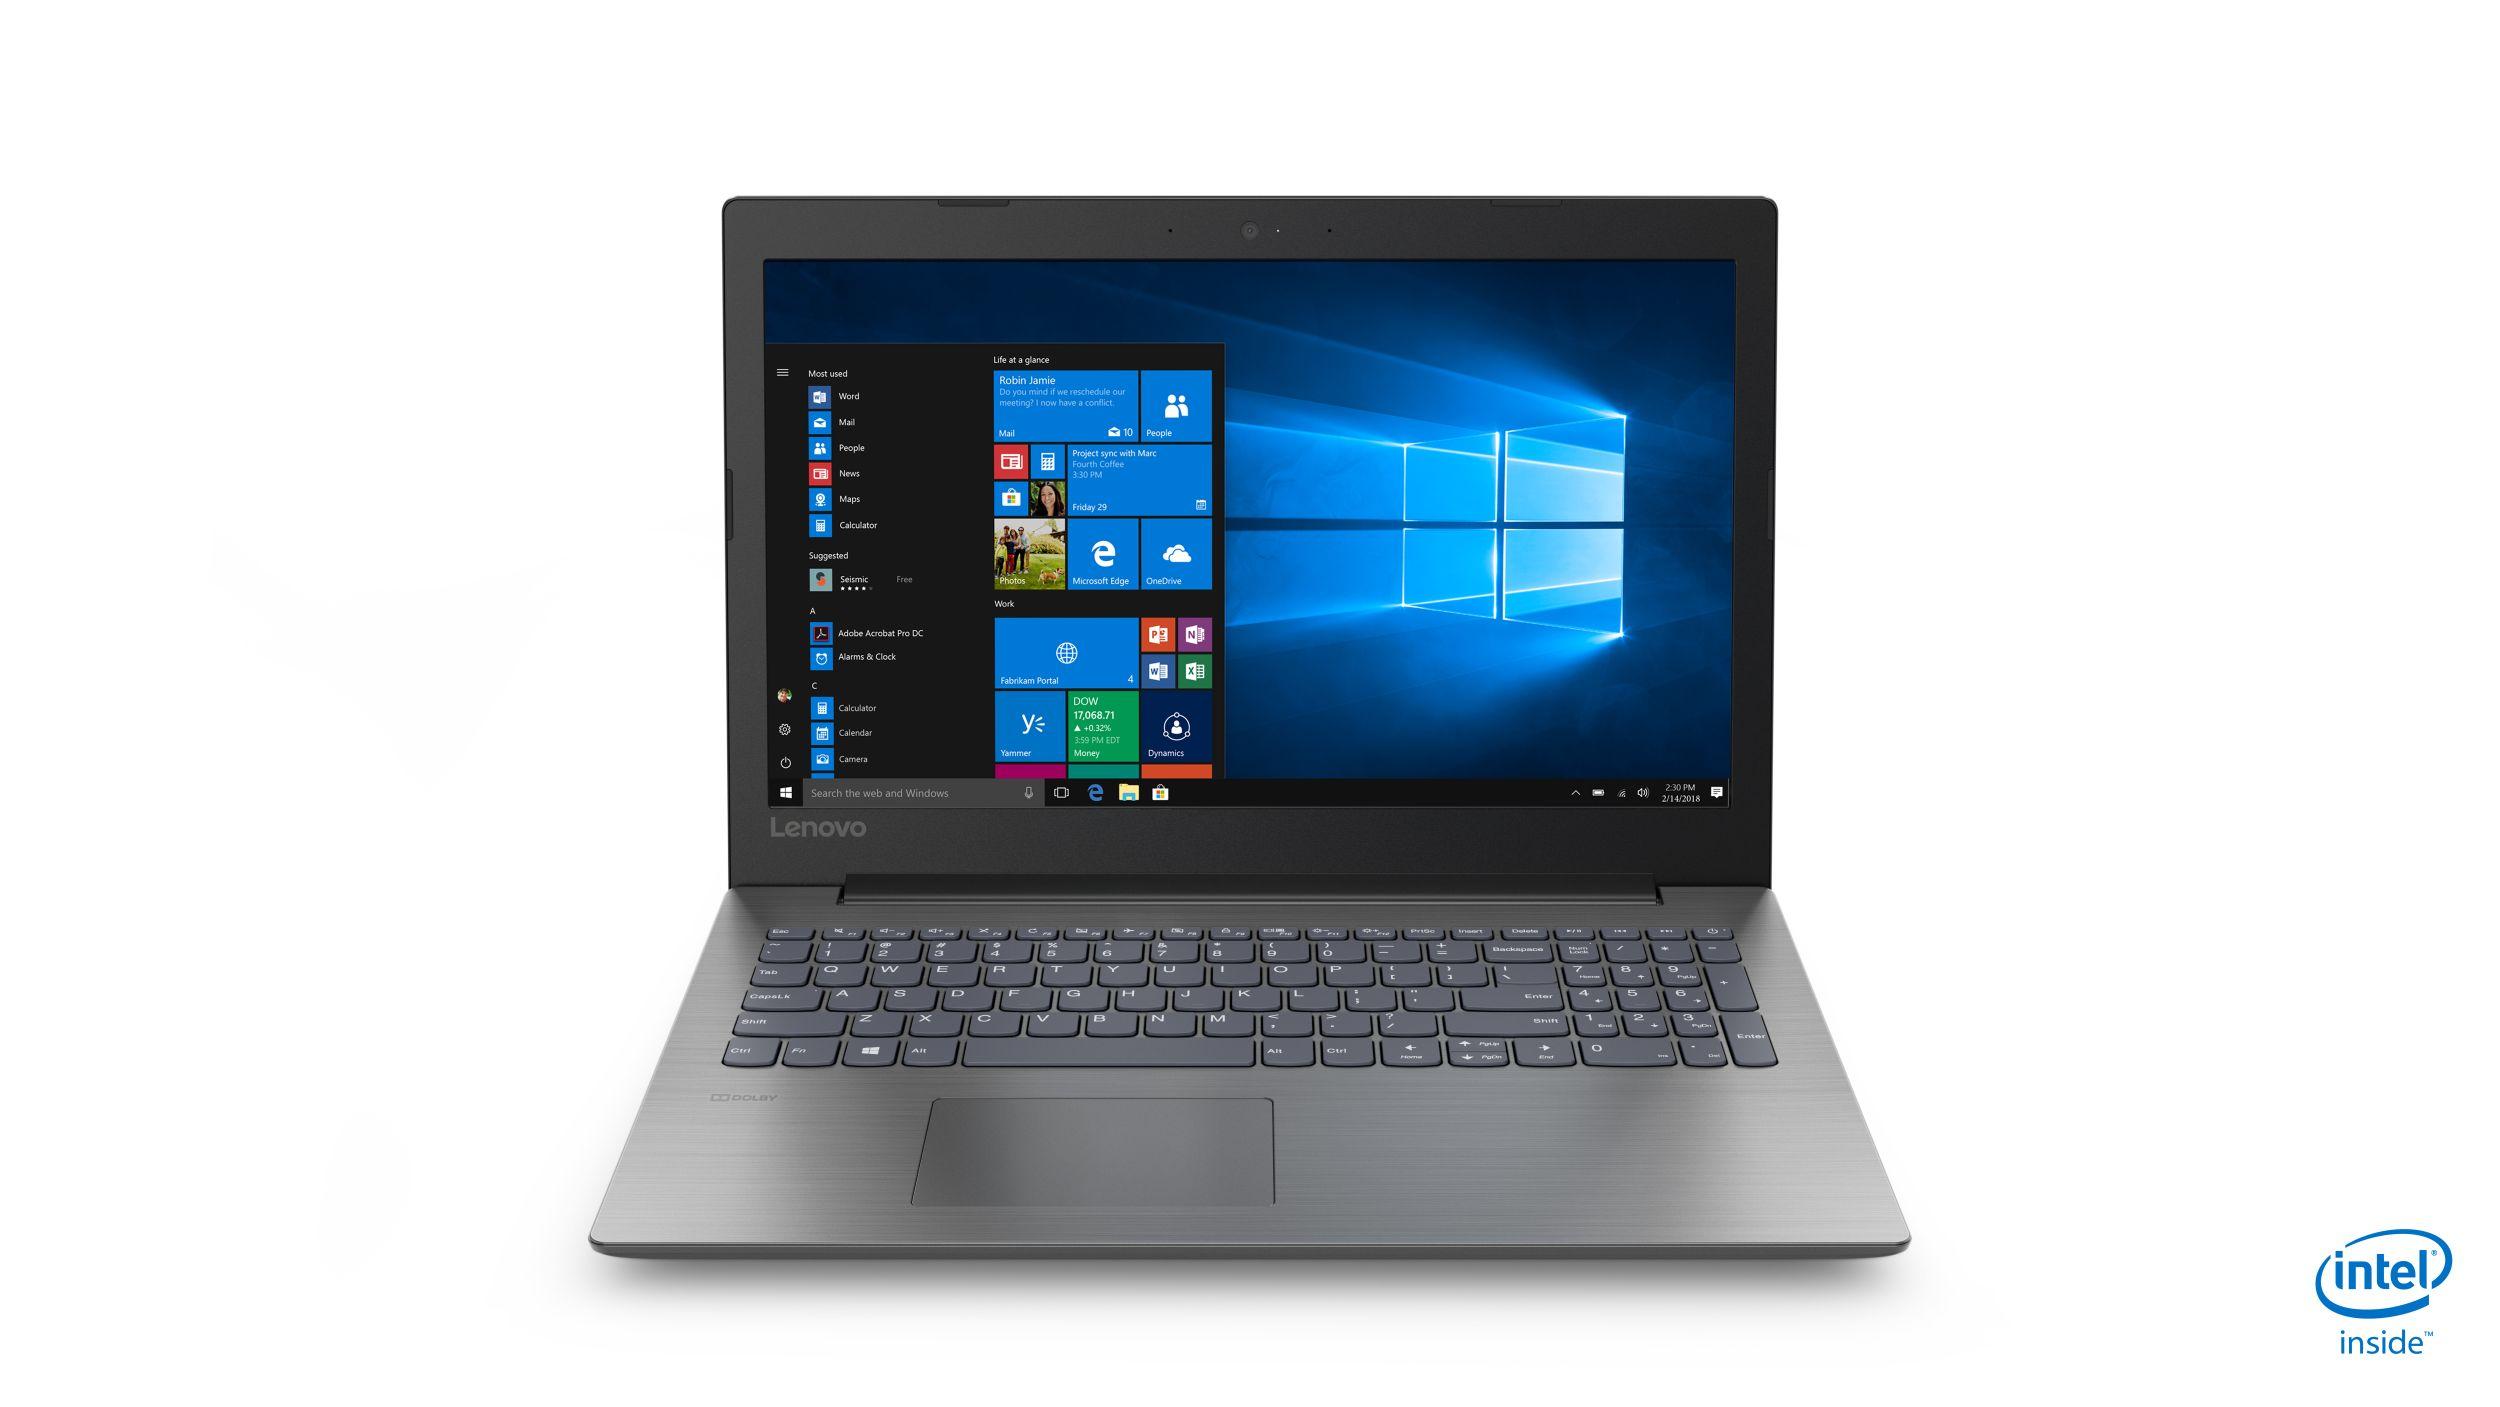 Lenovo IdeaPad 330 15IGM Pentium DC N4000 2 60GHz 4GB HDD